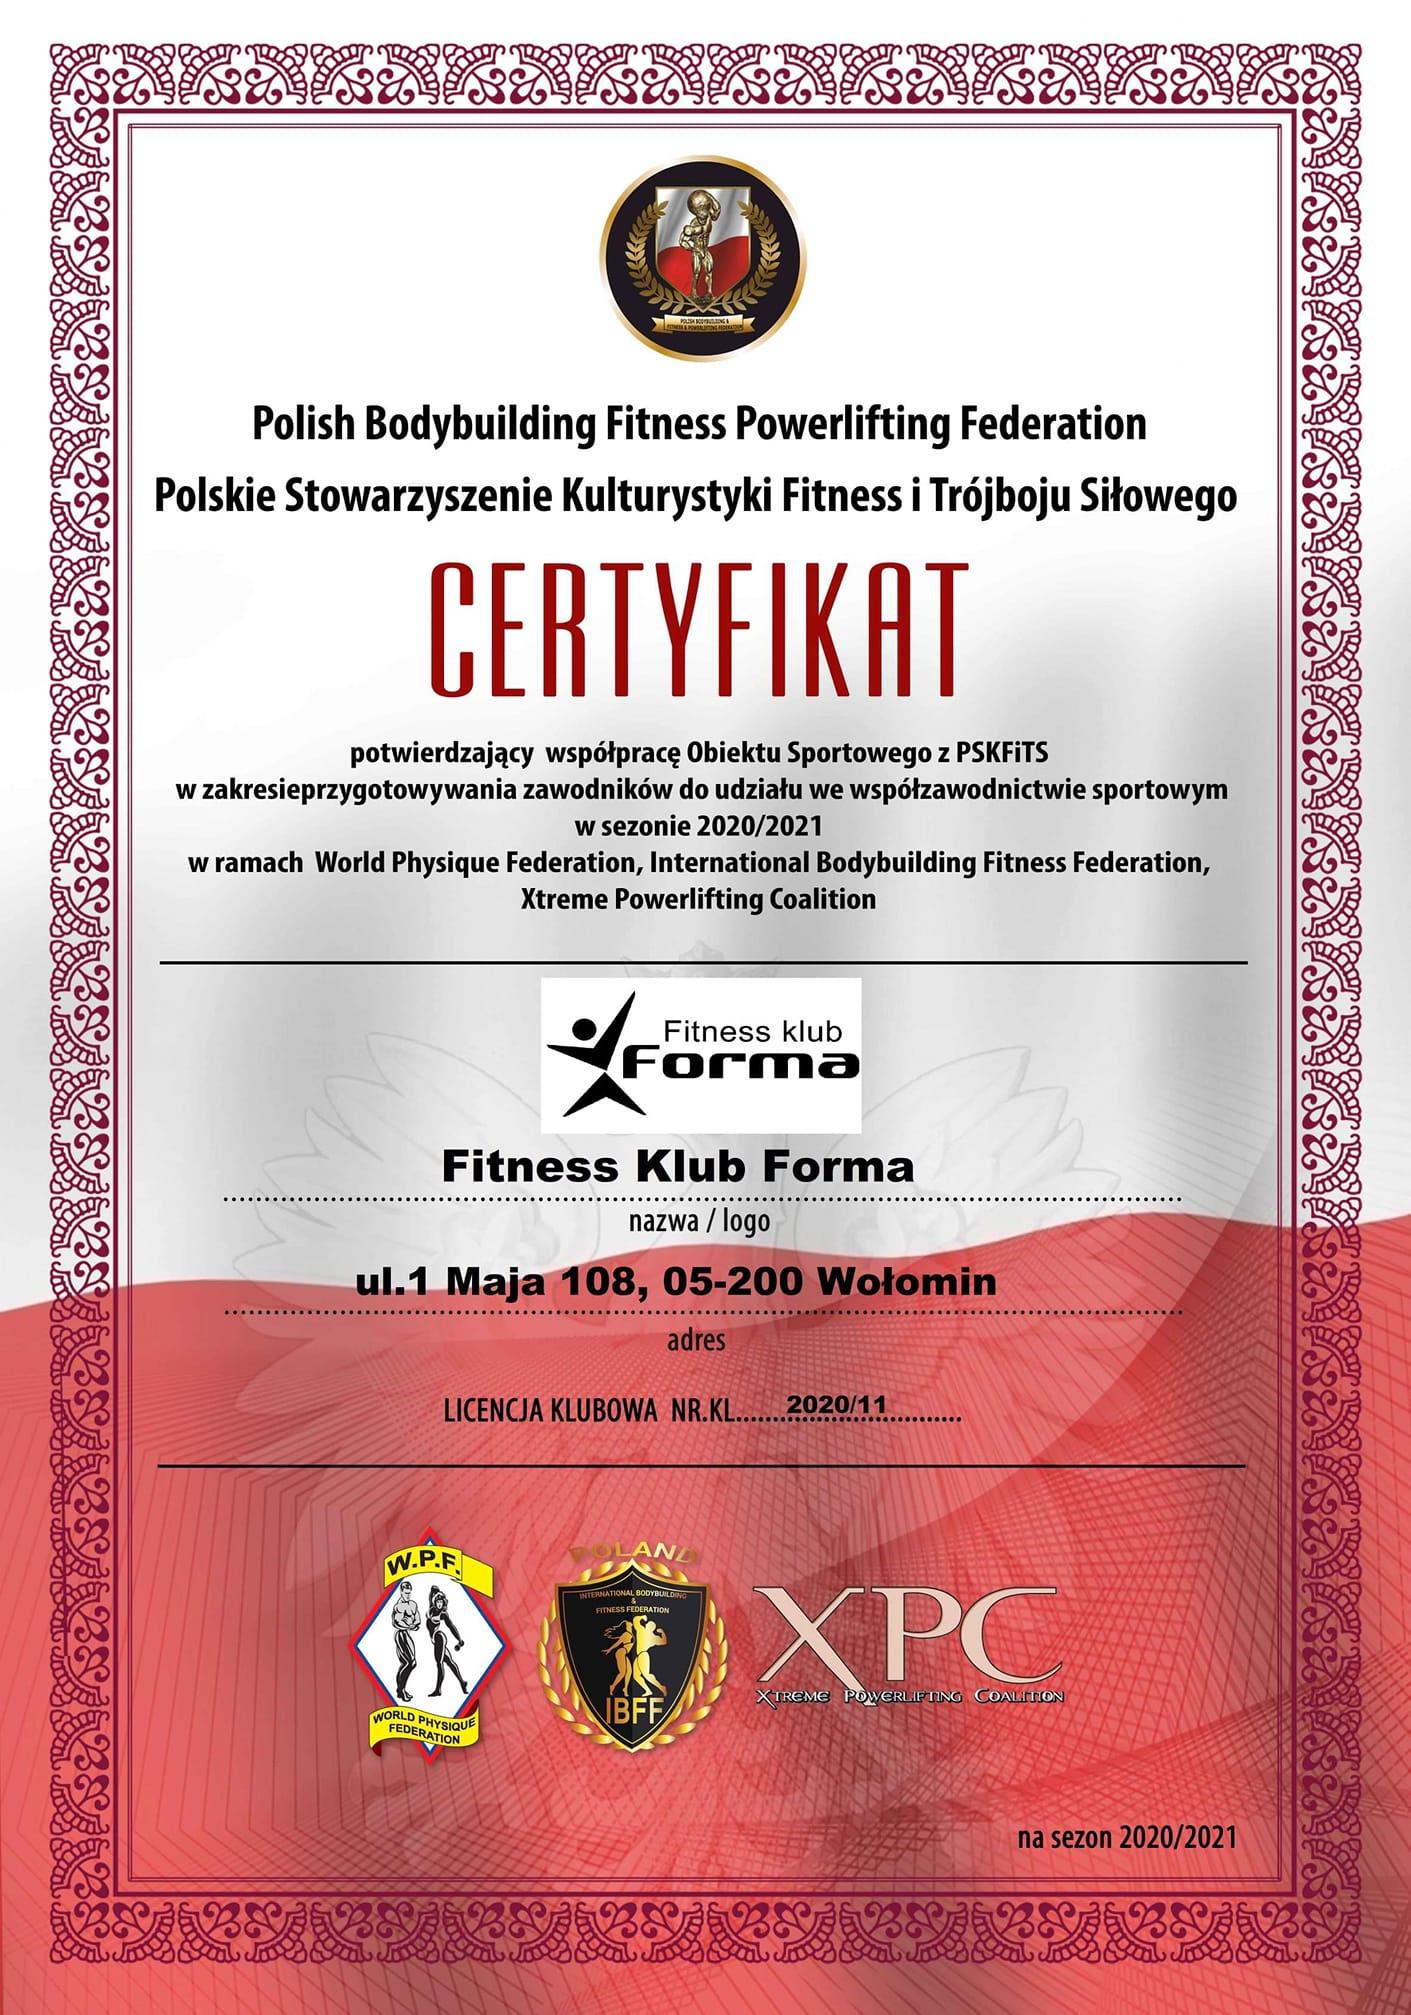 Przypominamy: Forma współpracuje z Polskim Stowarzyszeniem Kulturystyki Fitness i Trójboju Siłowego